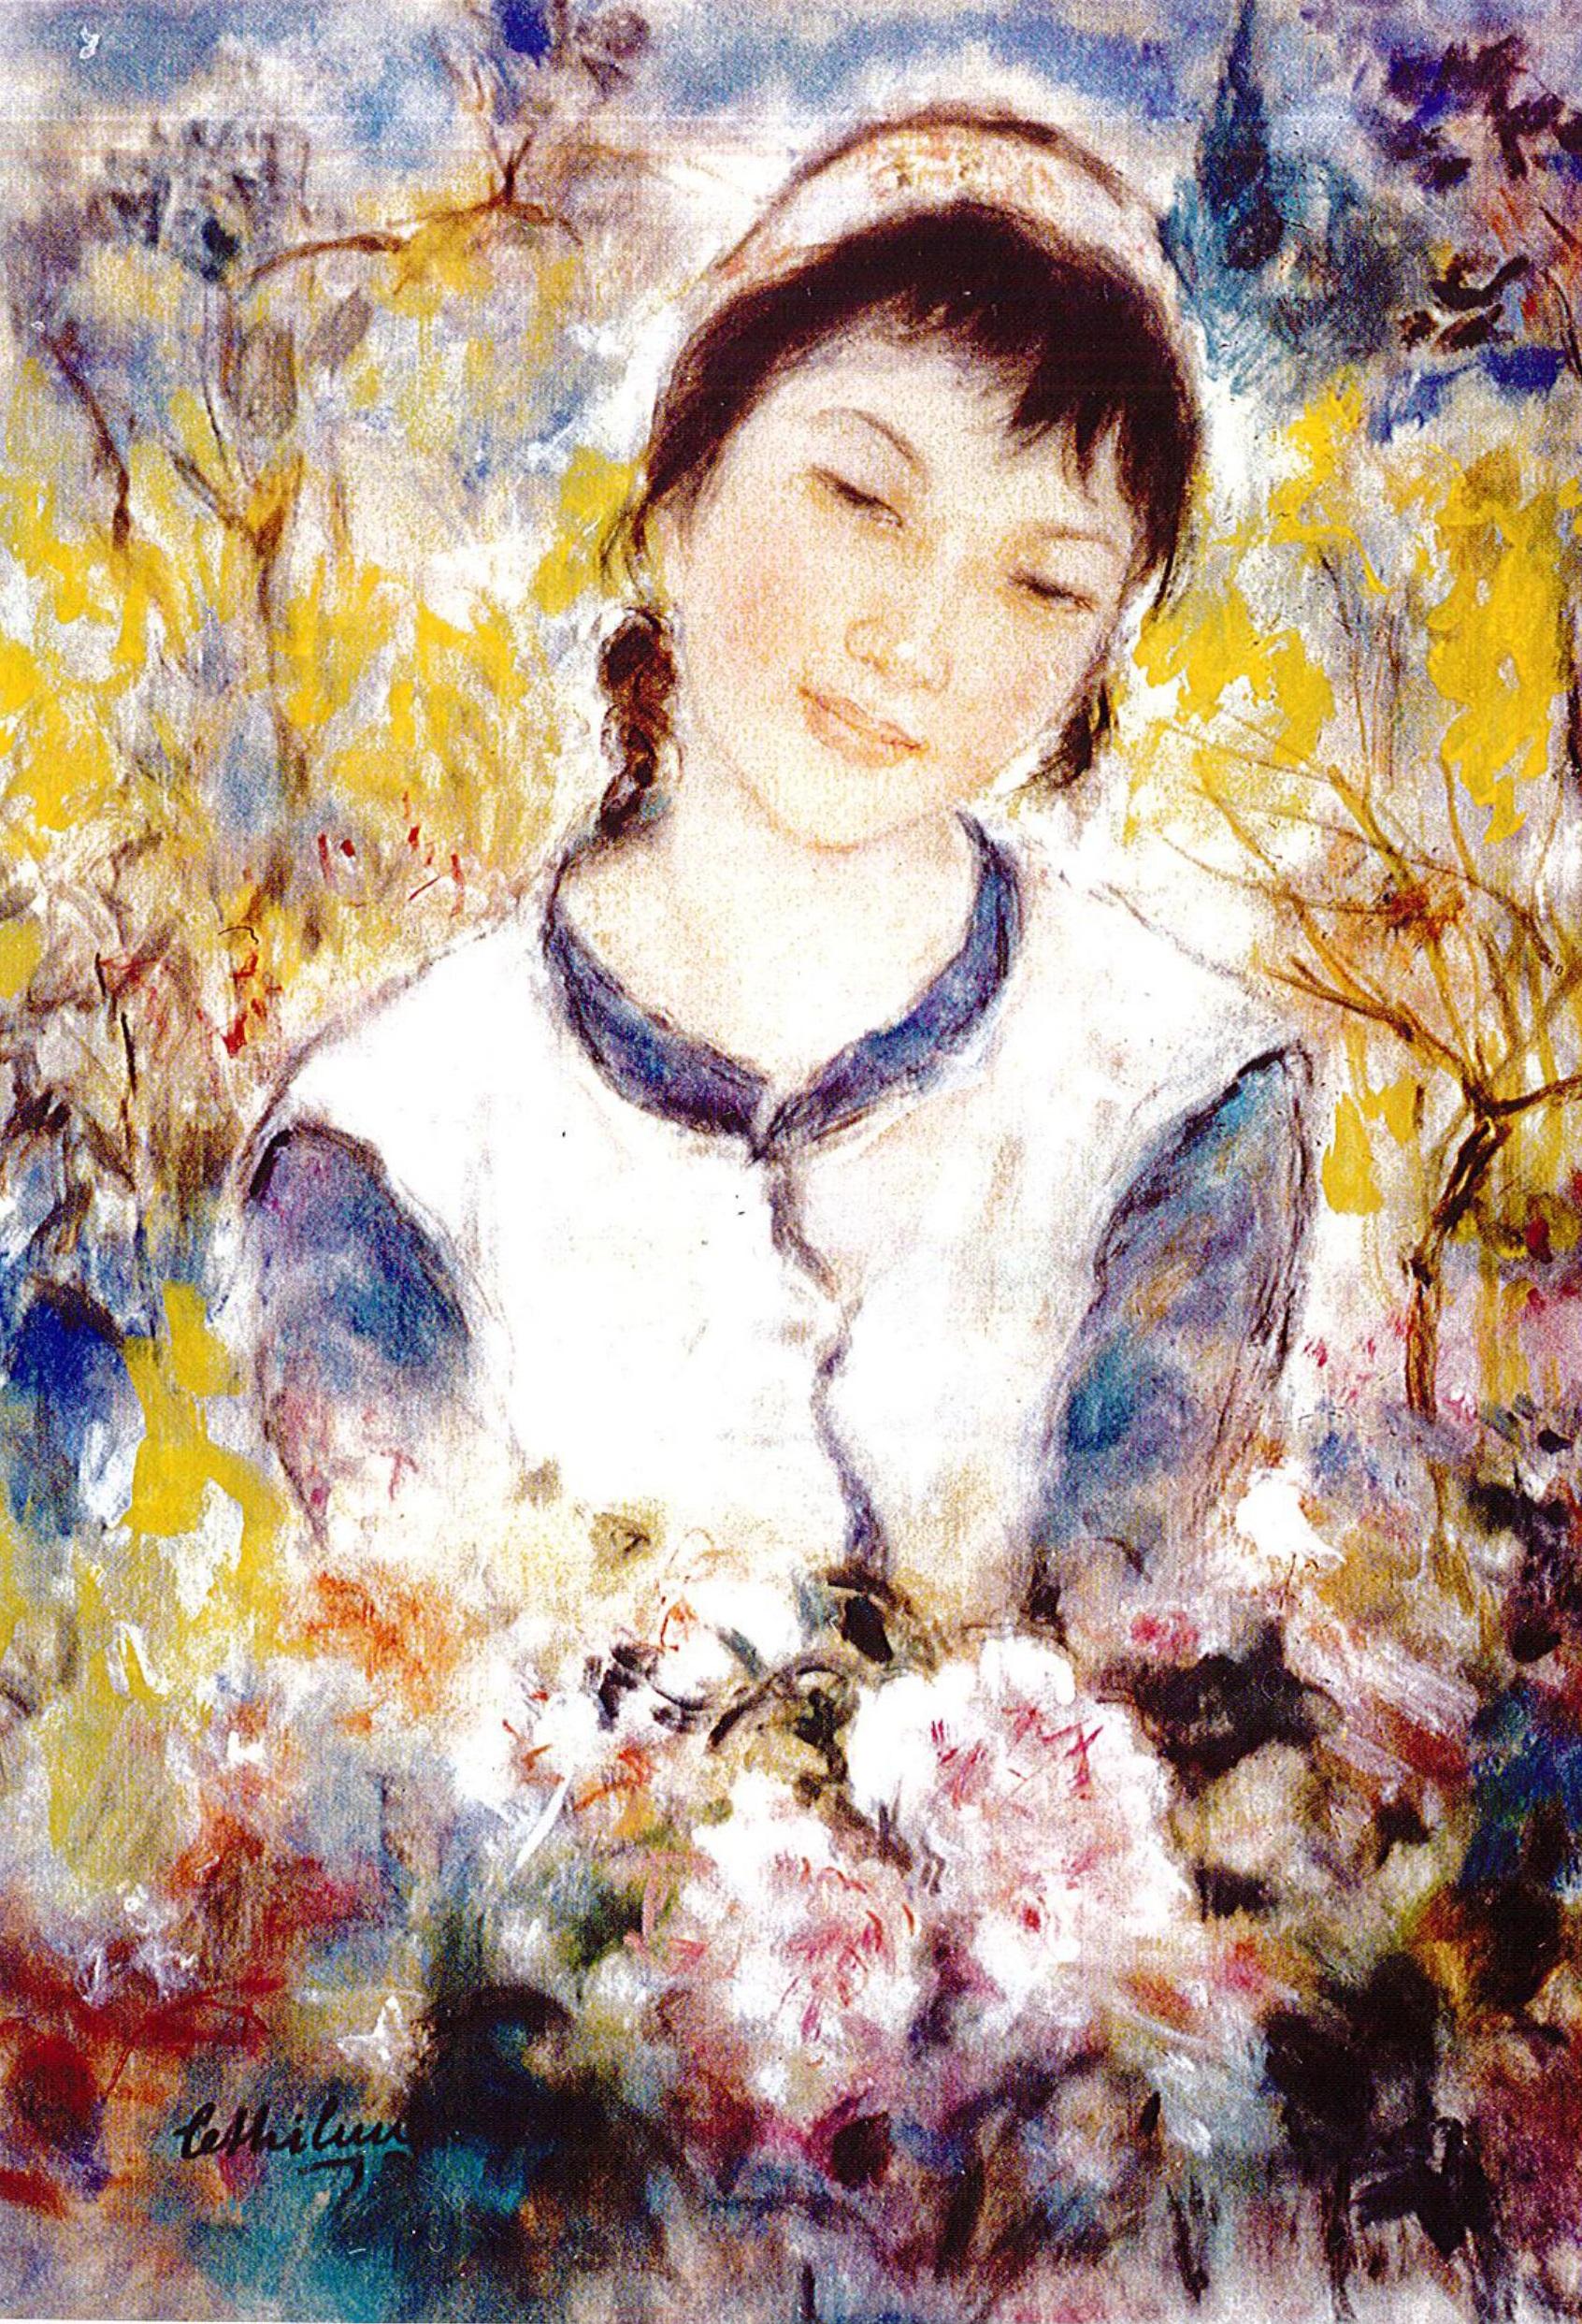 Lê Thị Lựu - Sơn nữ, tranh lụa, 41x33cm, khoảng 1980. Nguồn: Lê Thị Lựu - Ấn tượng hoàng hôn